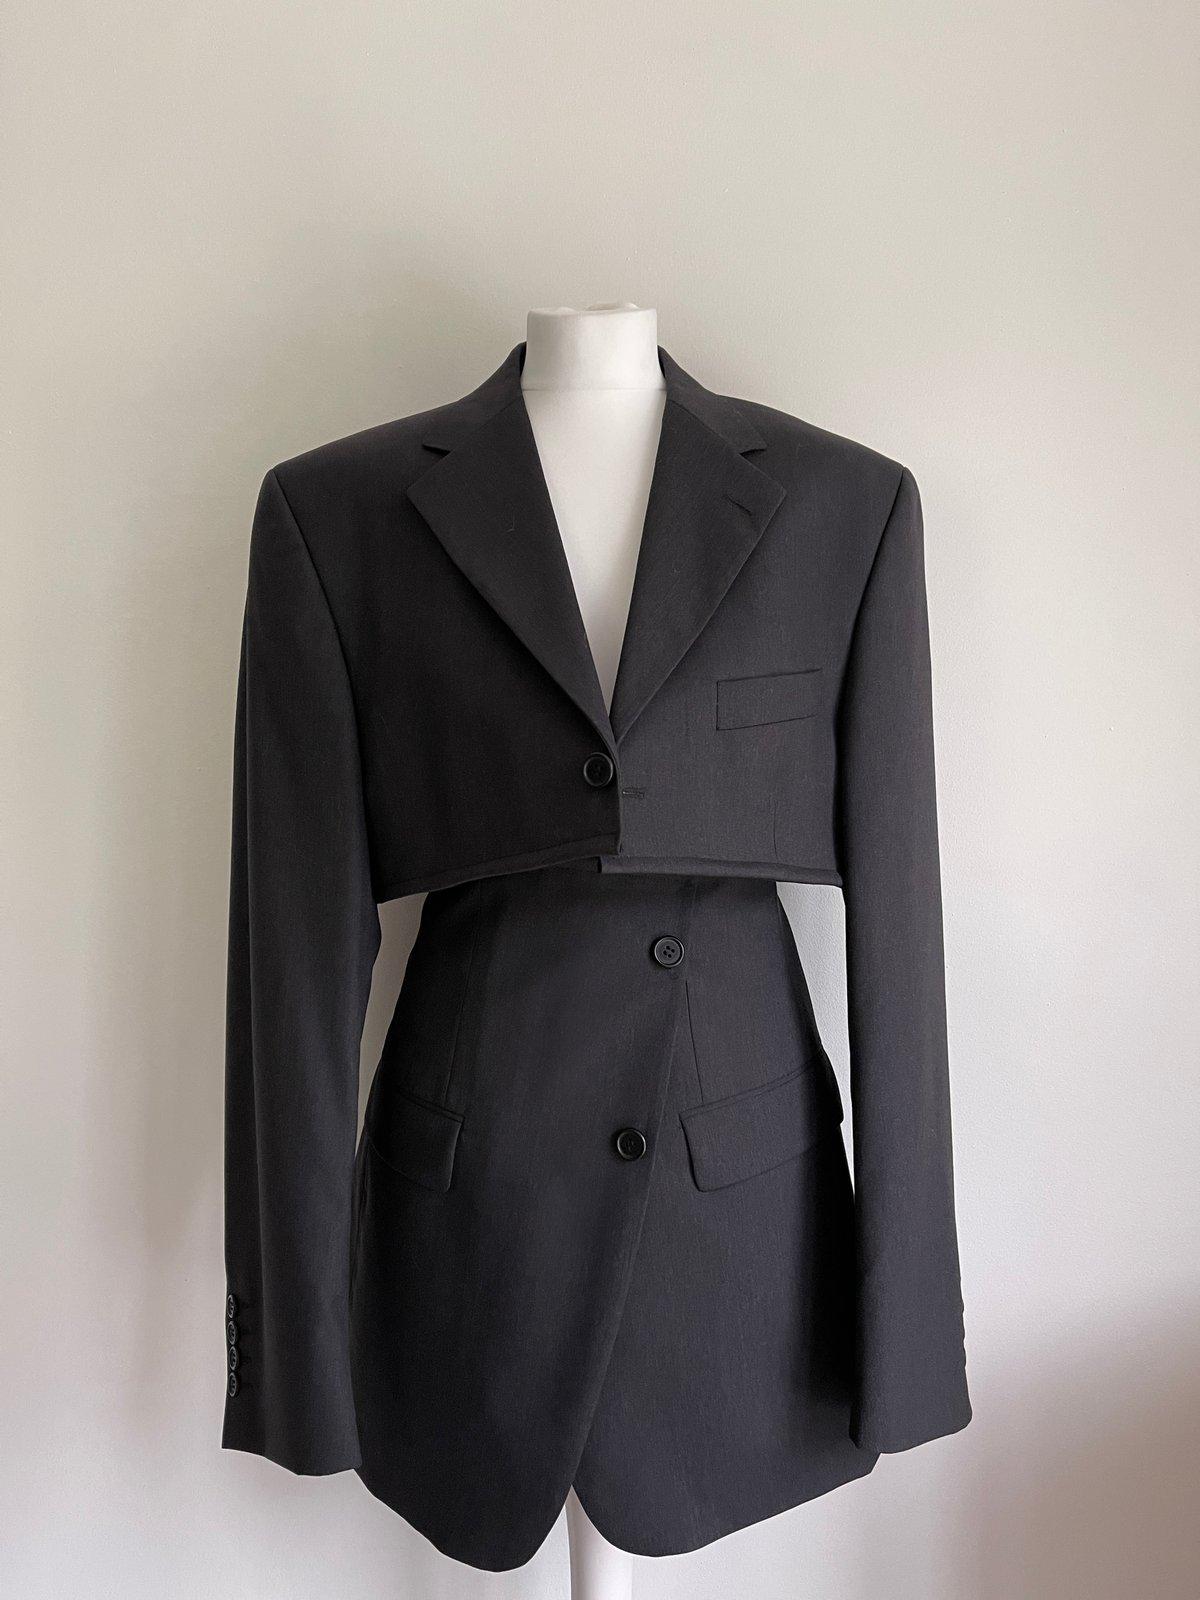 Custom Made Suit *please read description*